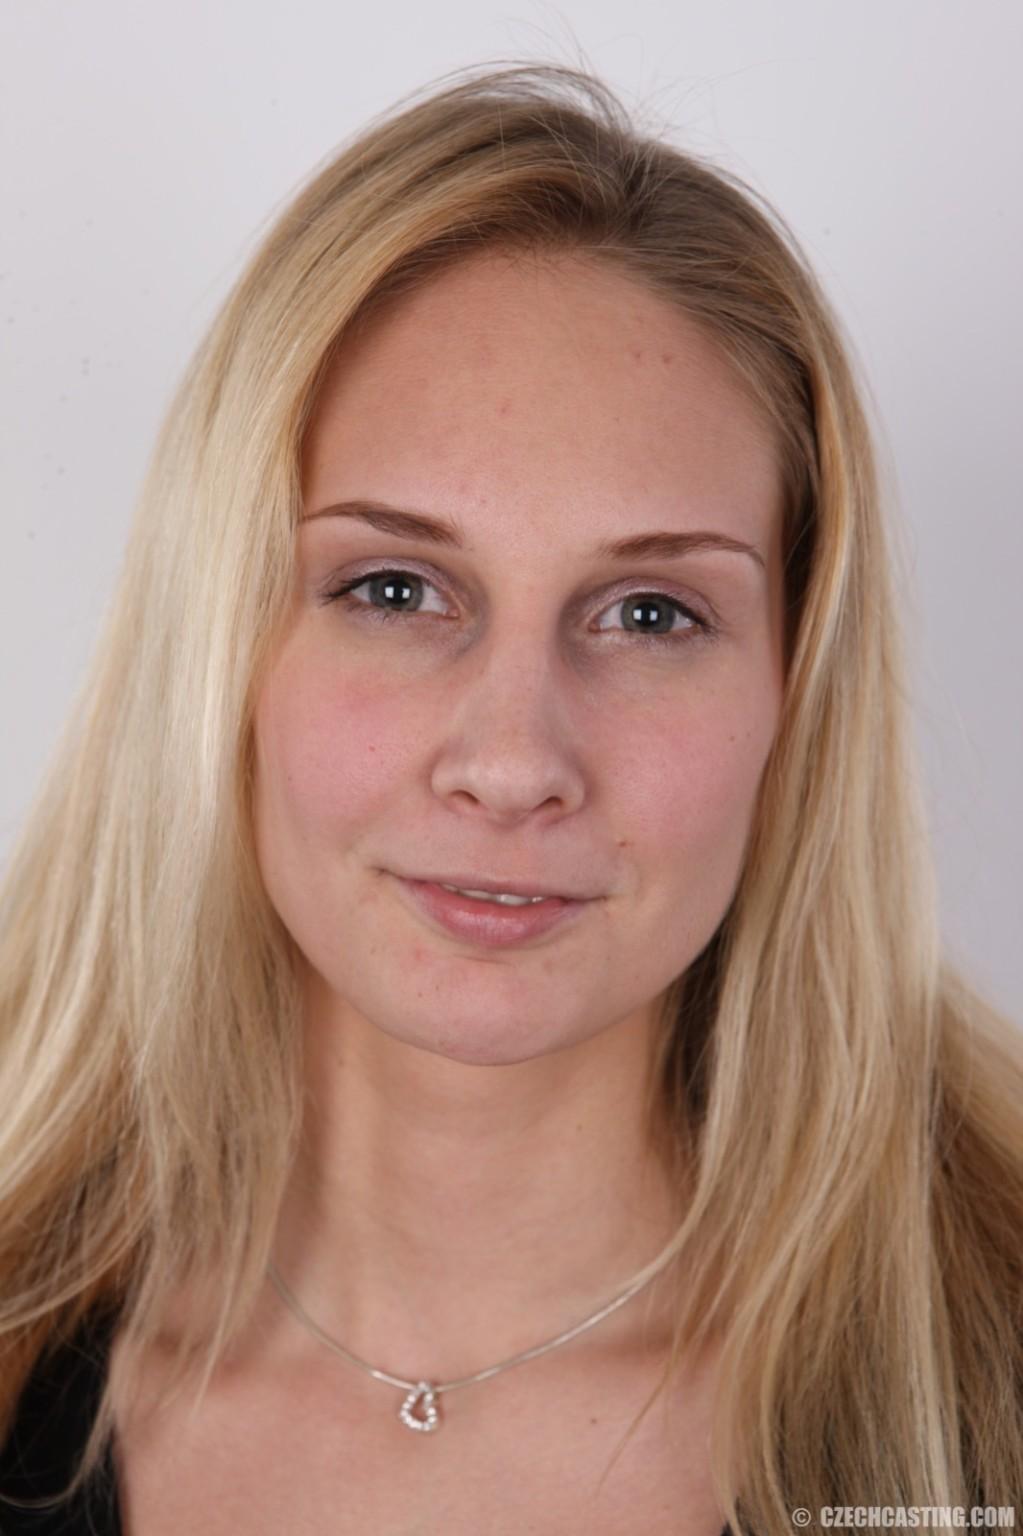 В чешском кастинге принимает участие одна блондинка, которая очень смело снимает с себя всю одежду